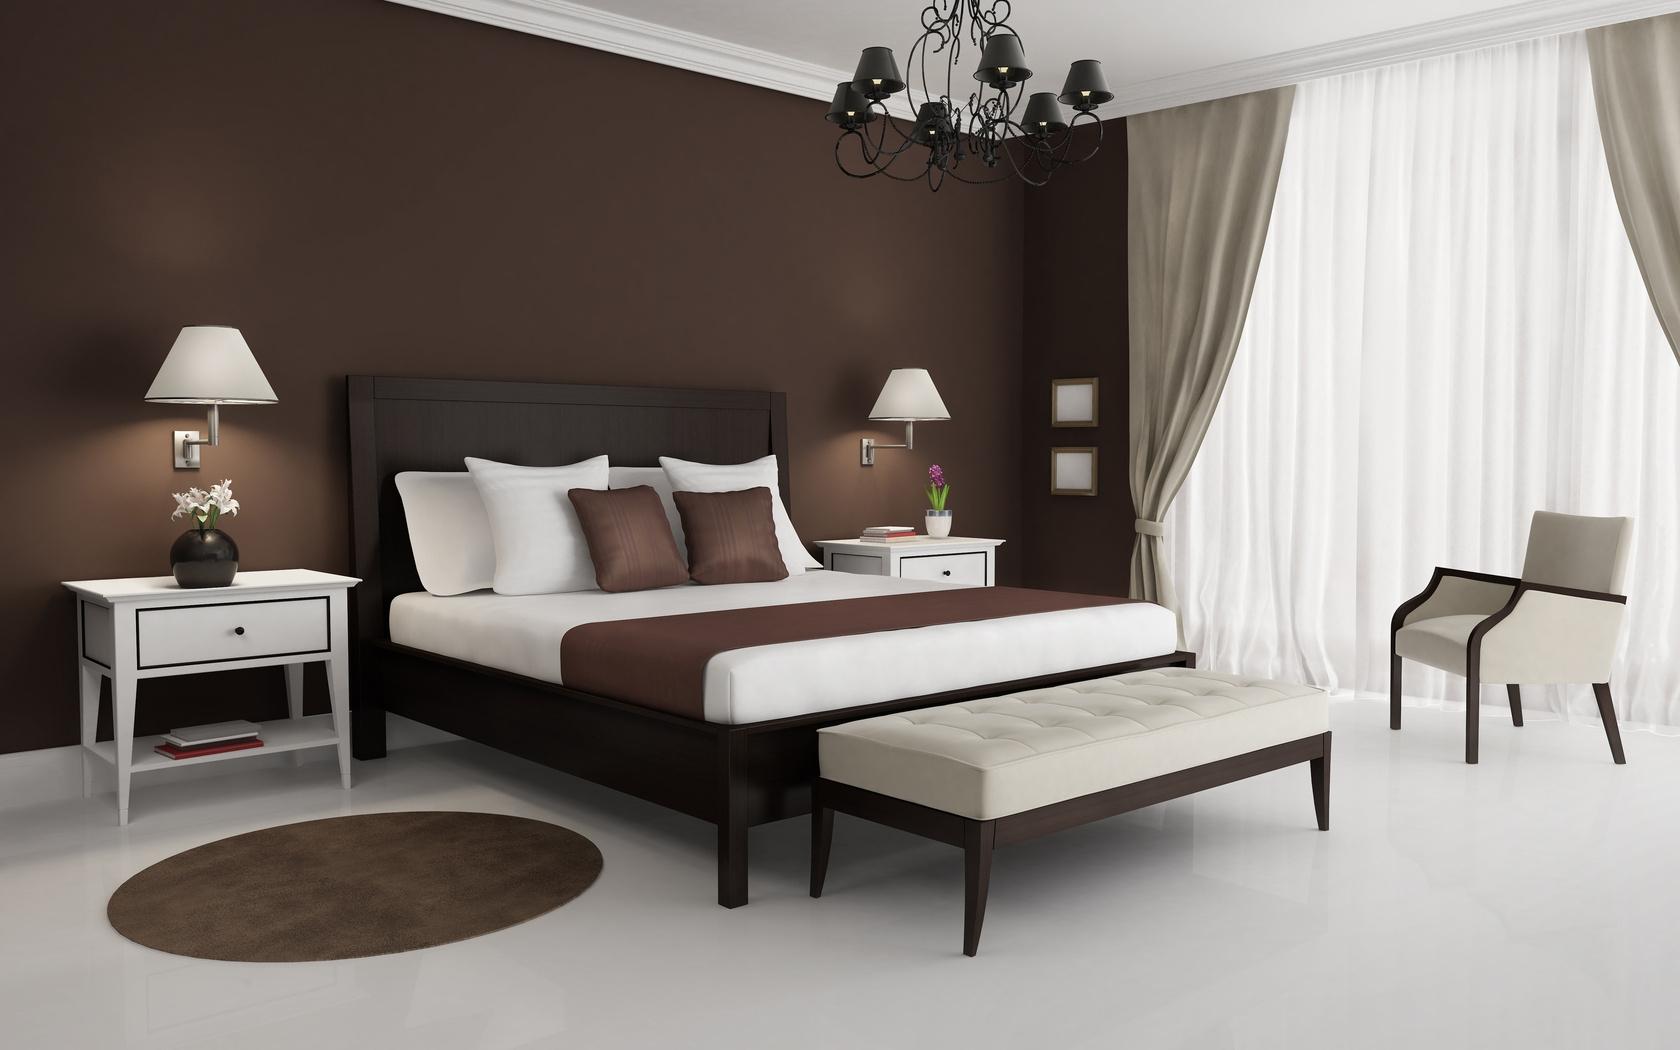 Baggrunde : værelse, seng, tabel, Hotel, luksus, soveværelse ...